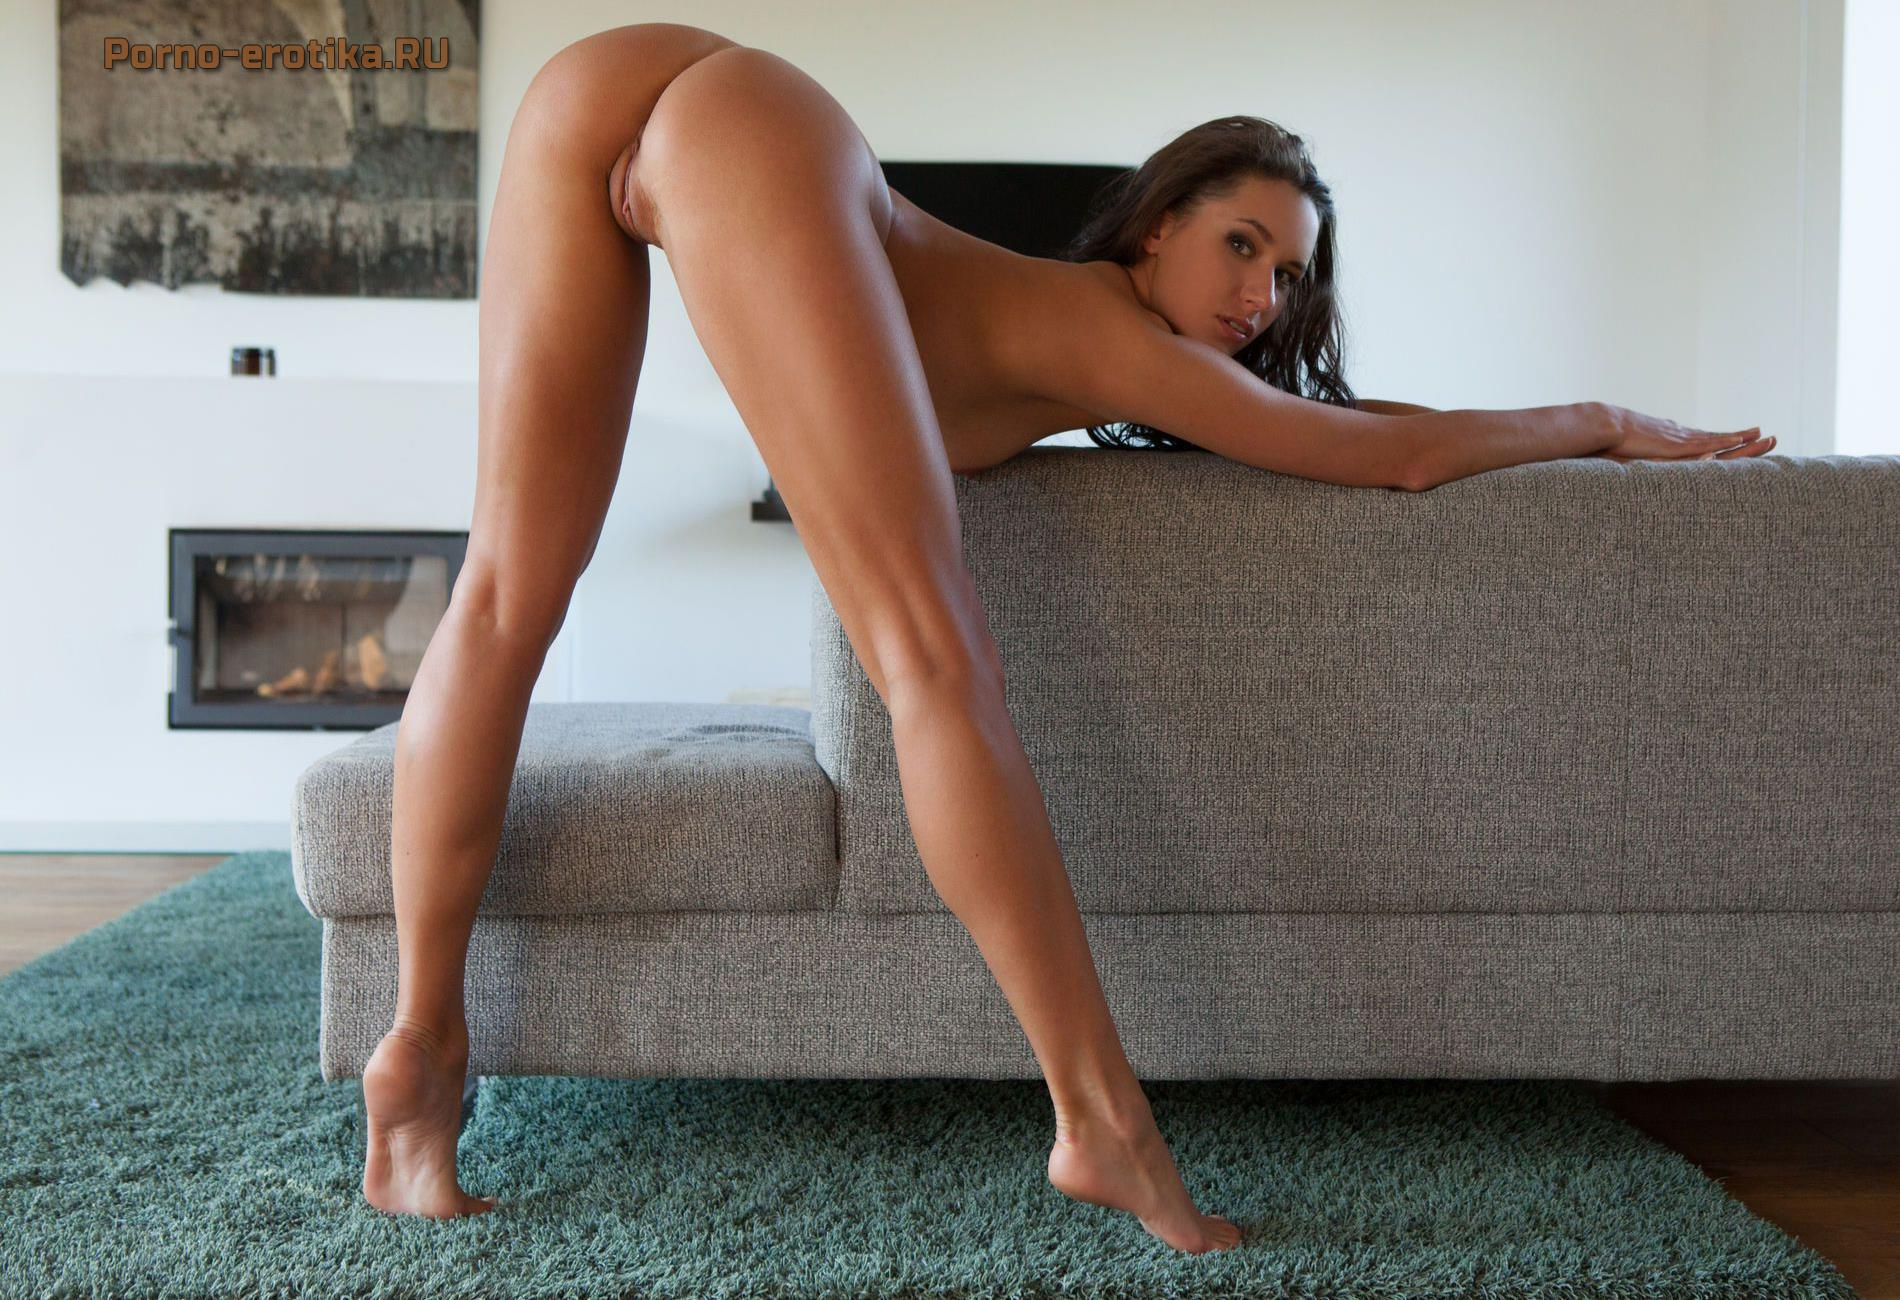 Девушки с длинными ногами видео порно